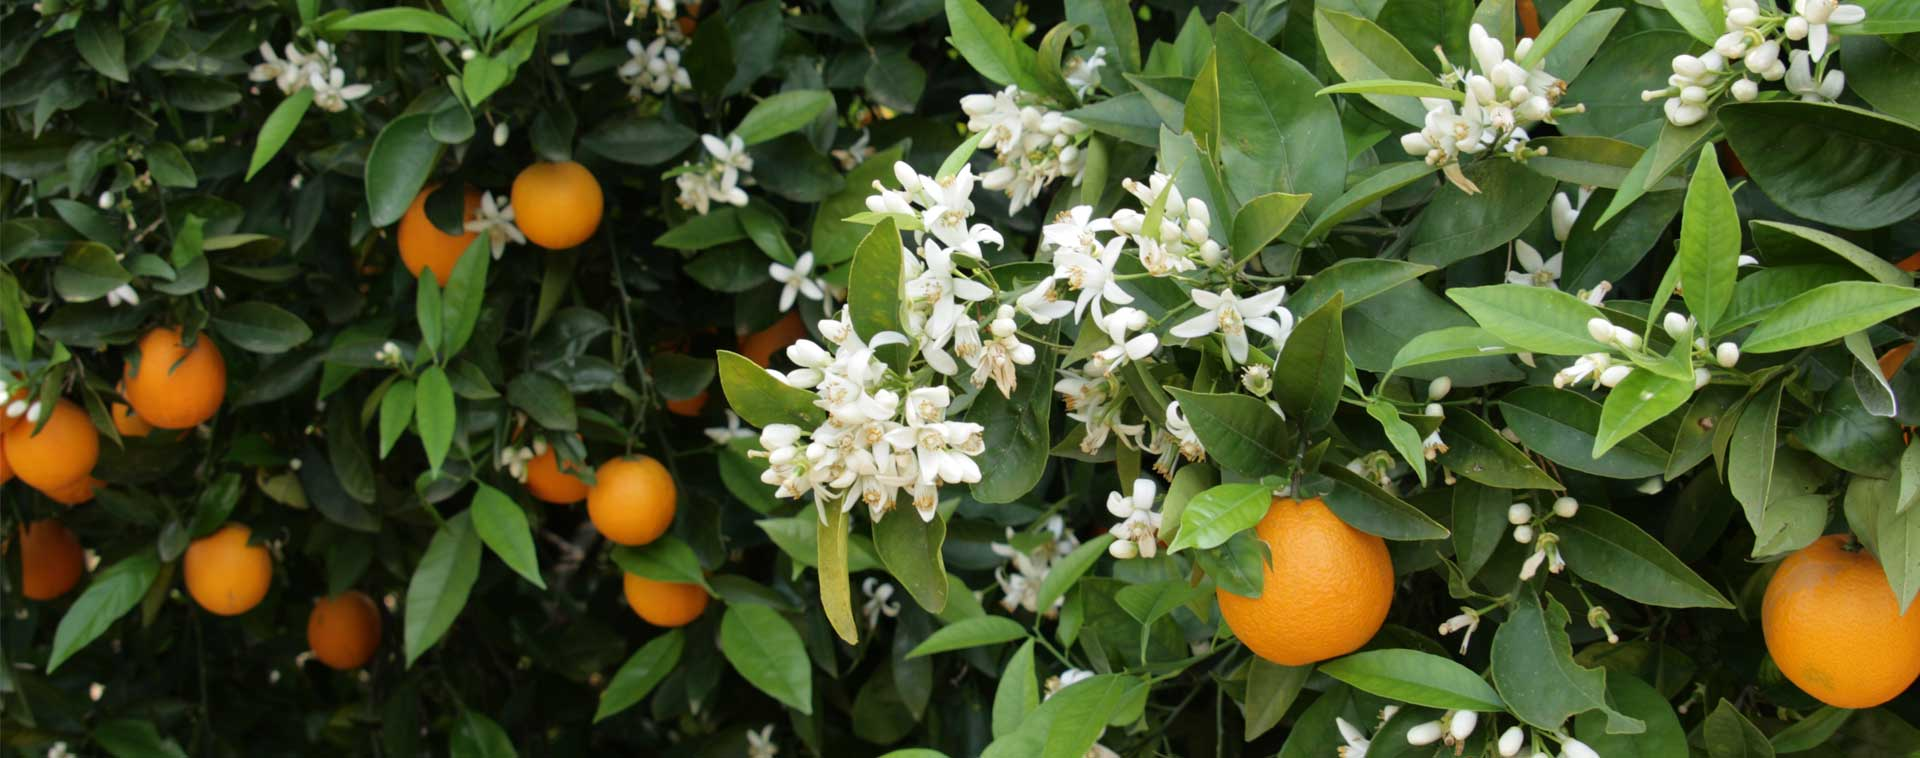 azahar la flor del naranjo